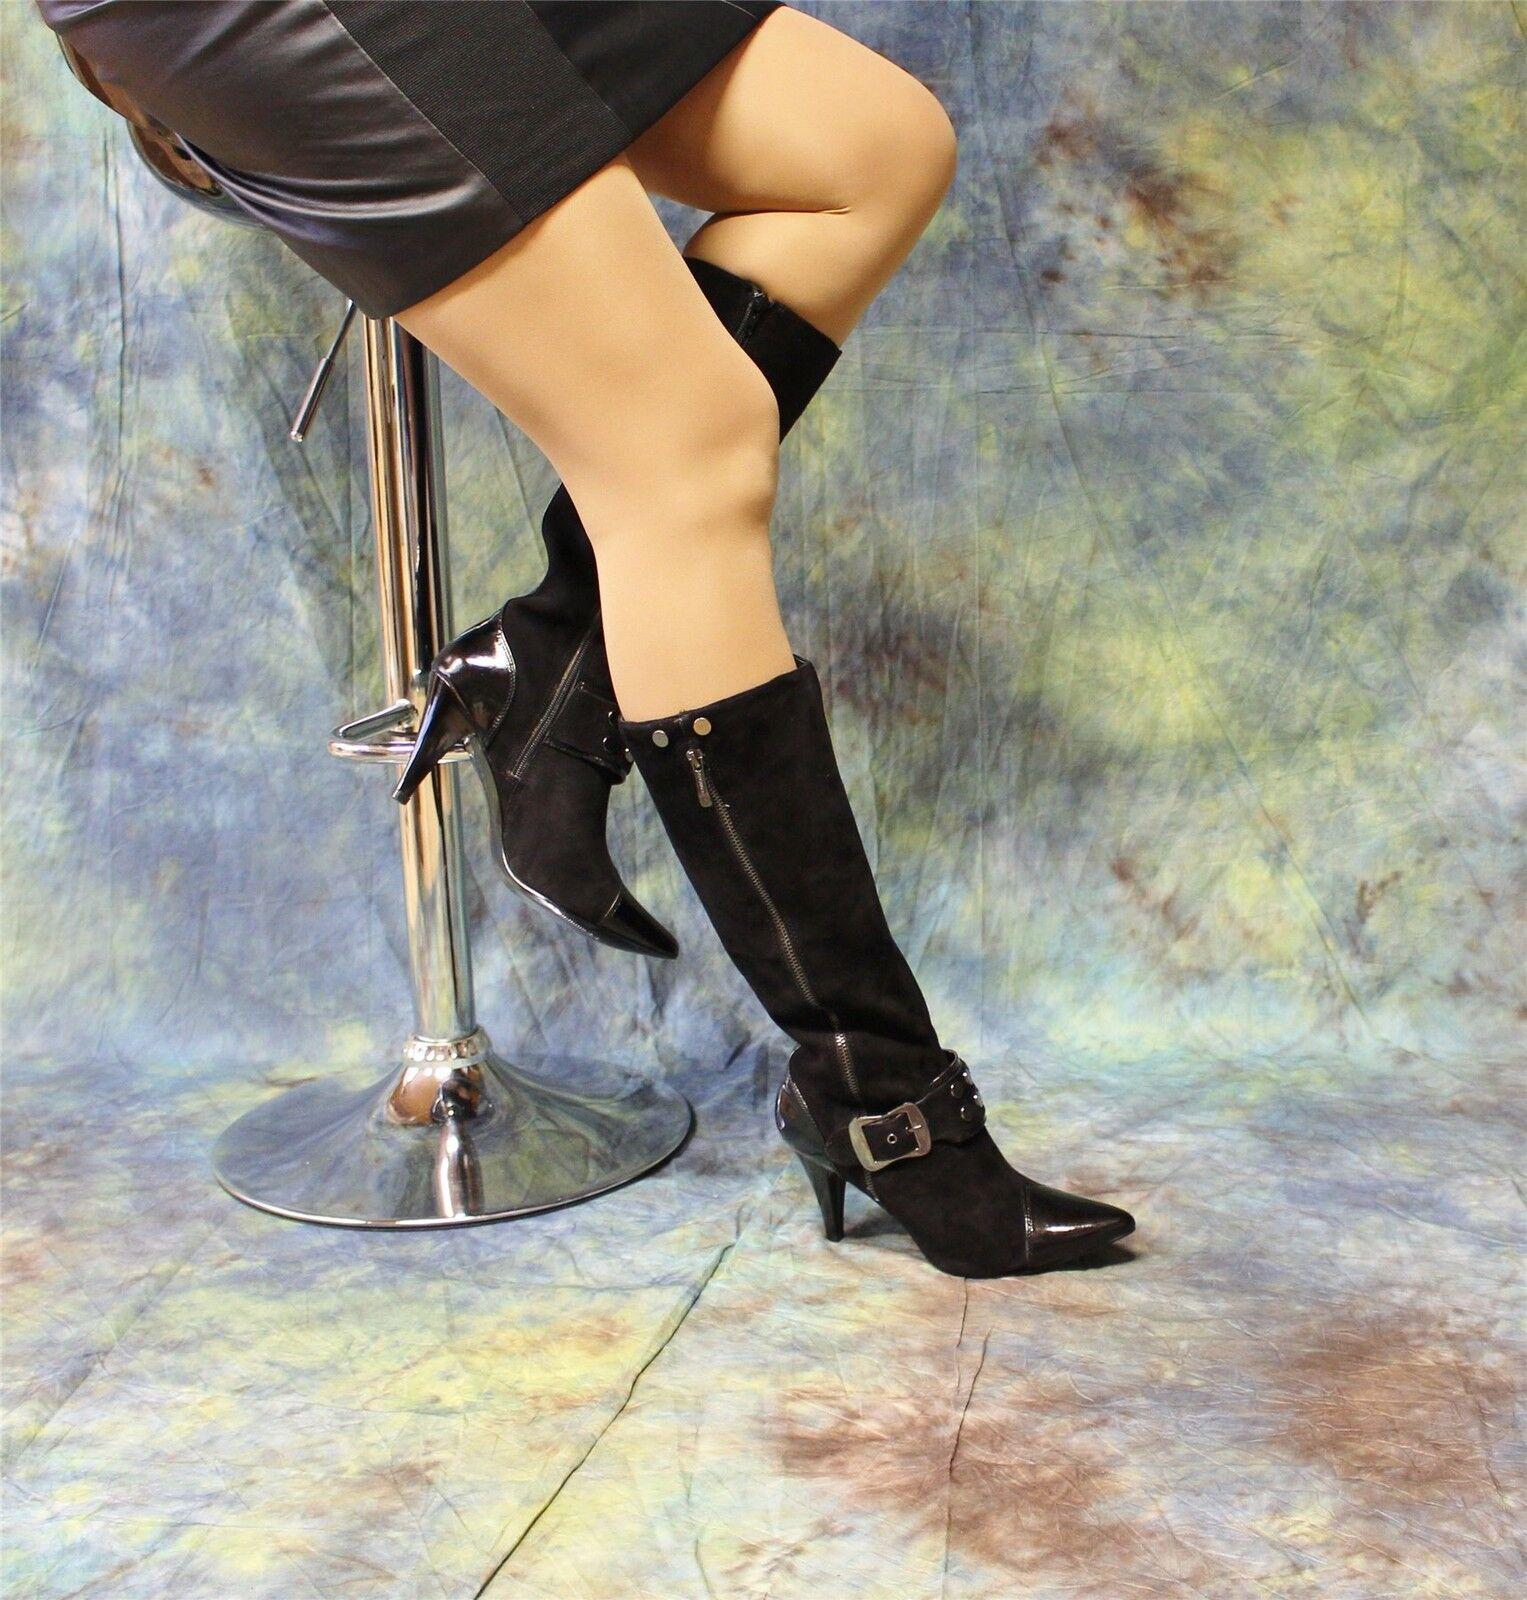 Wild botas de cuero negro con hebilla y remaches delantera